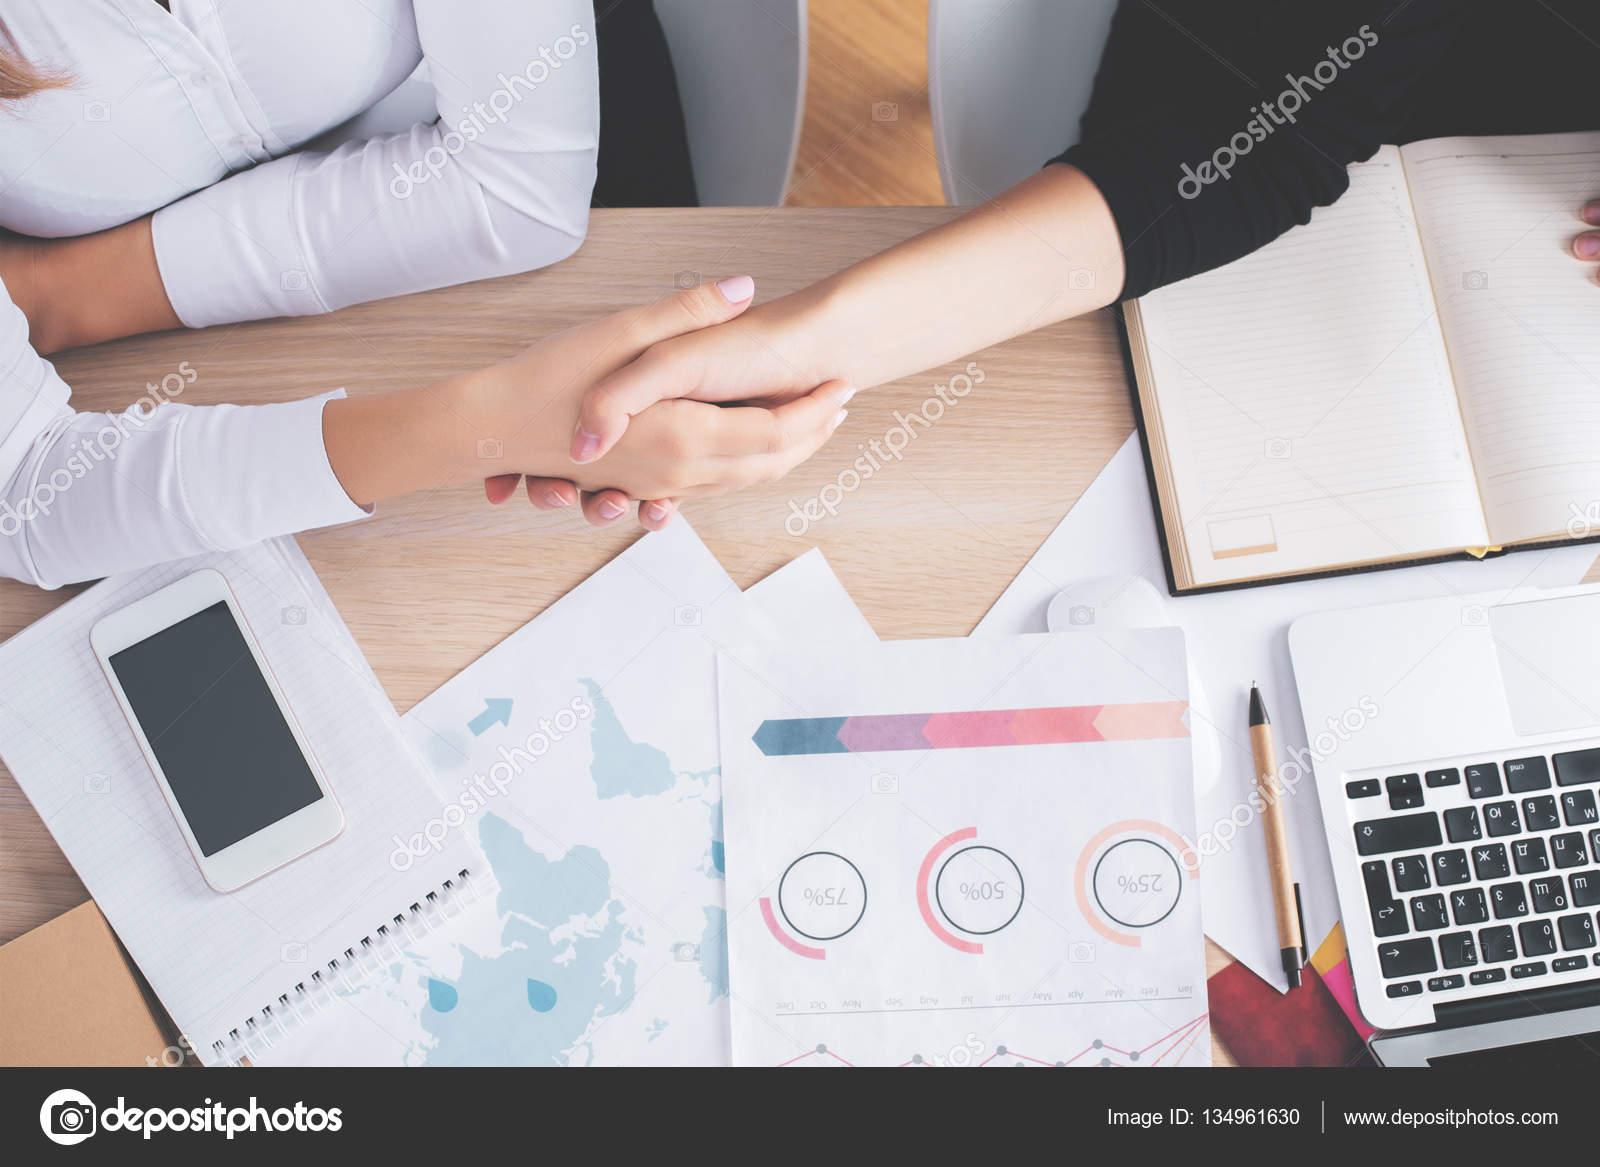 Draufsicht Der Zwei Weißen Frauen Händeschütteln An Schreibtisch Mit  Finanzberichte Und Andere Gegenstände. Partnership Konzept U2014 Foto Von  Peshkova